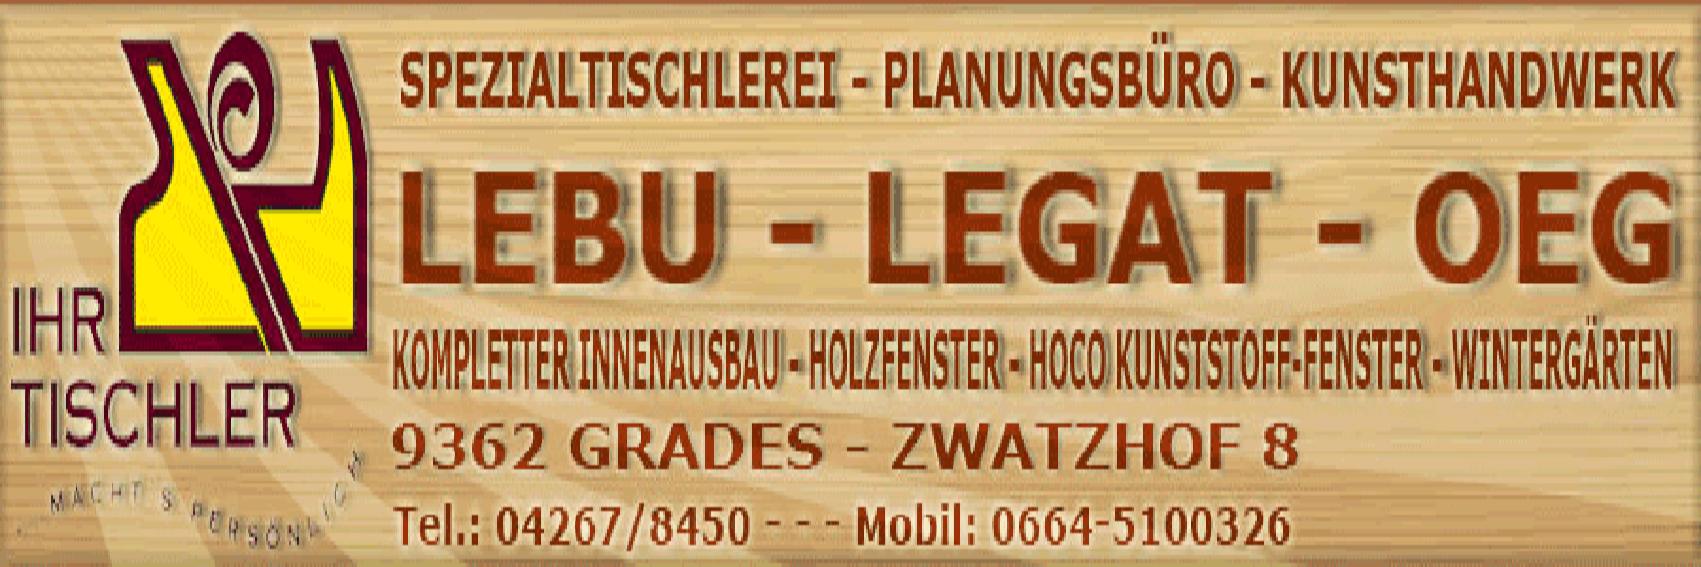 Tischlerei LEBU - Legat OEG